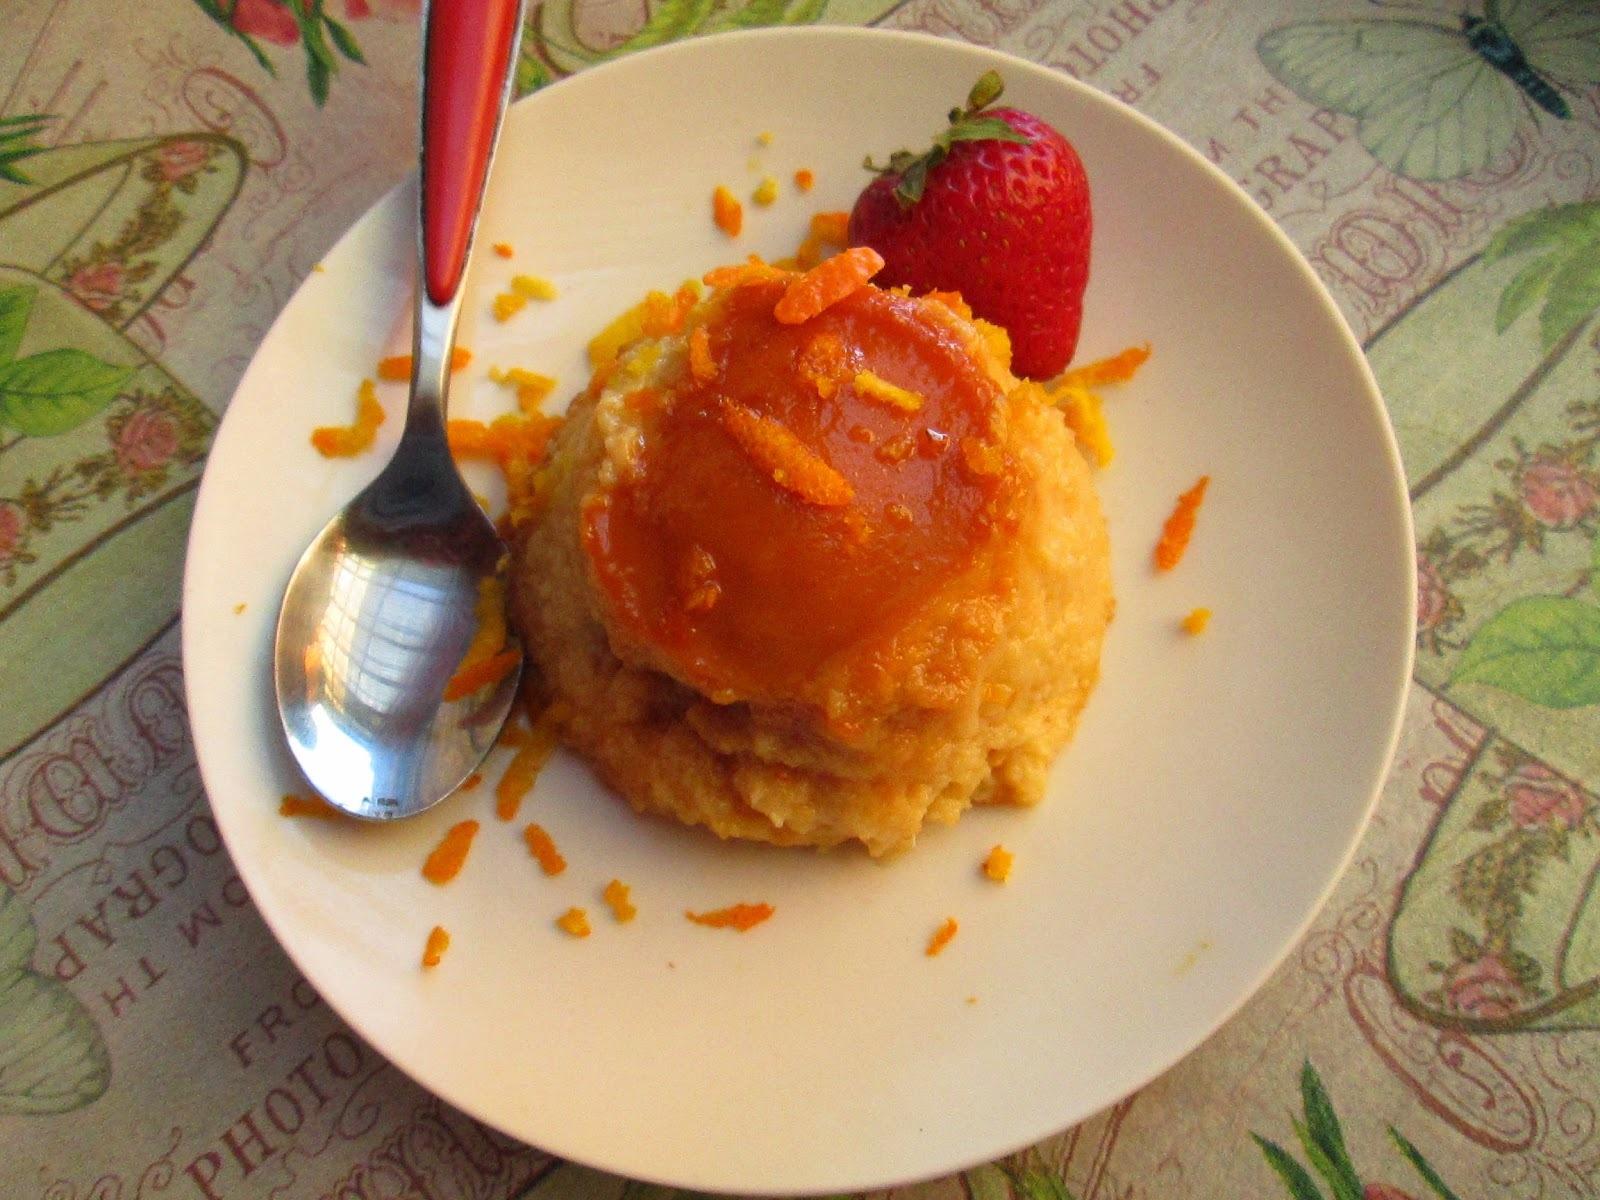 Mango and orange  flan (Flan de mango y naranja )